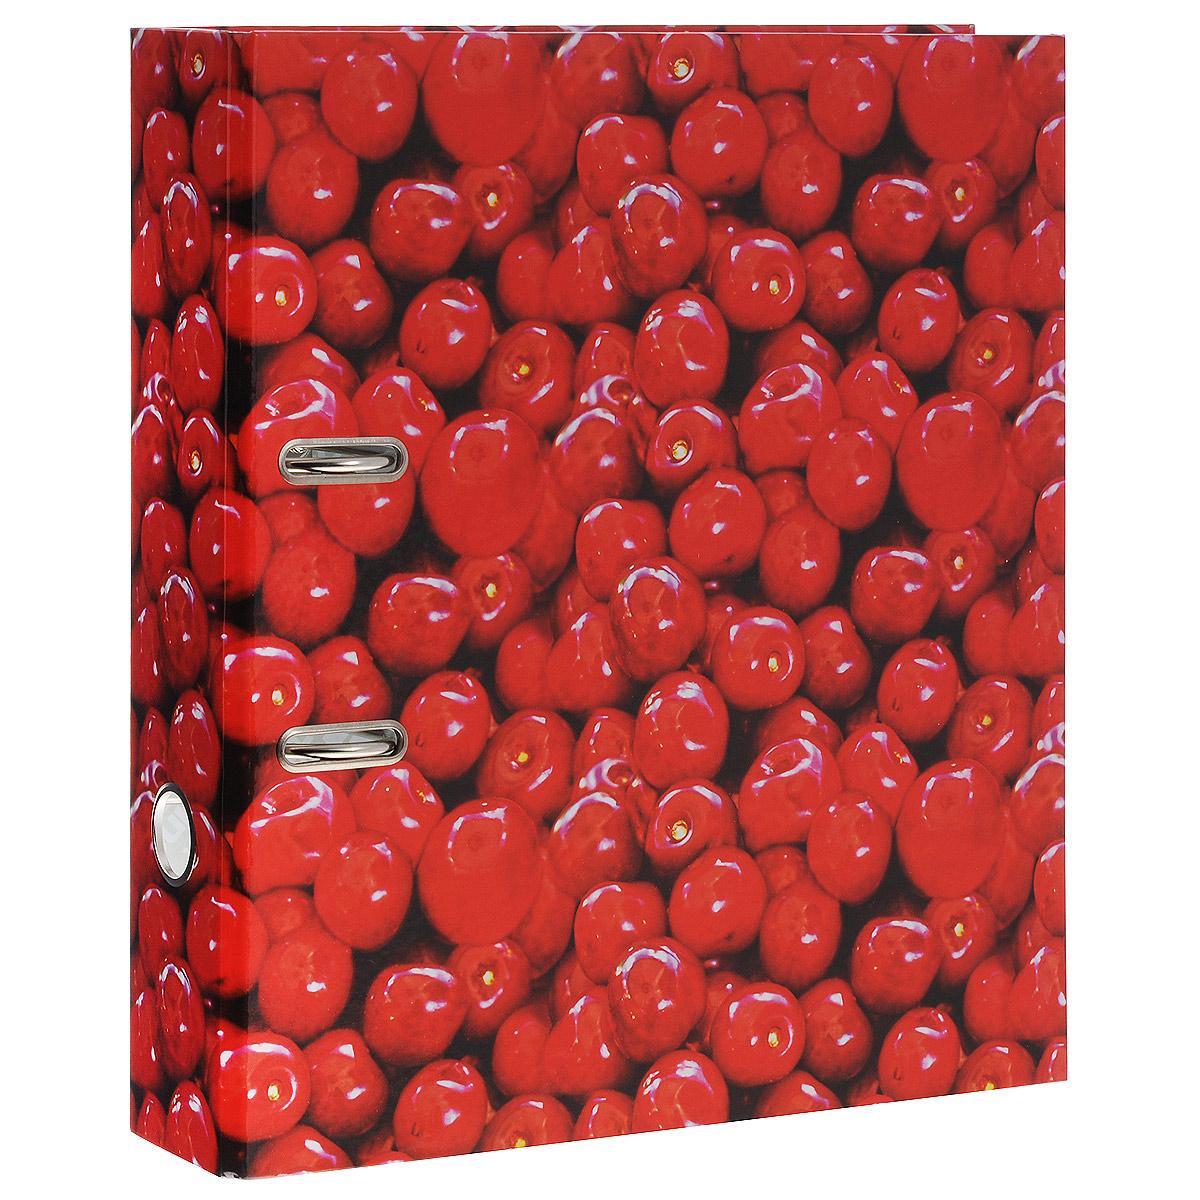 Папка-регистратор Вишня, ширина корешка 70 мм, цвет: красный. IN111103IN111103Папка-регистратор Вишня пригодится в каждом офисе и доме для хранения больших объемов документов. Папка изготовлена из износостойкого высококачественного картона и оформлена изображениями вишенок. Папка оснащена прочным металлическим механизмом, обеспечивающим надежную фиксацию перфорированных бумаг и документов формата А4. Ширина корешка 7 см. Папка-регистратор станет вашим надежным помощником, она упростит работу с бумагами и документами и защитит их от повреждения, пыли и влаги.